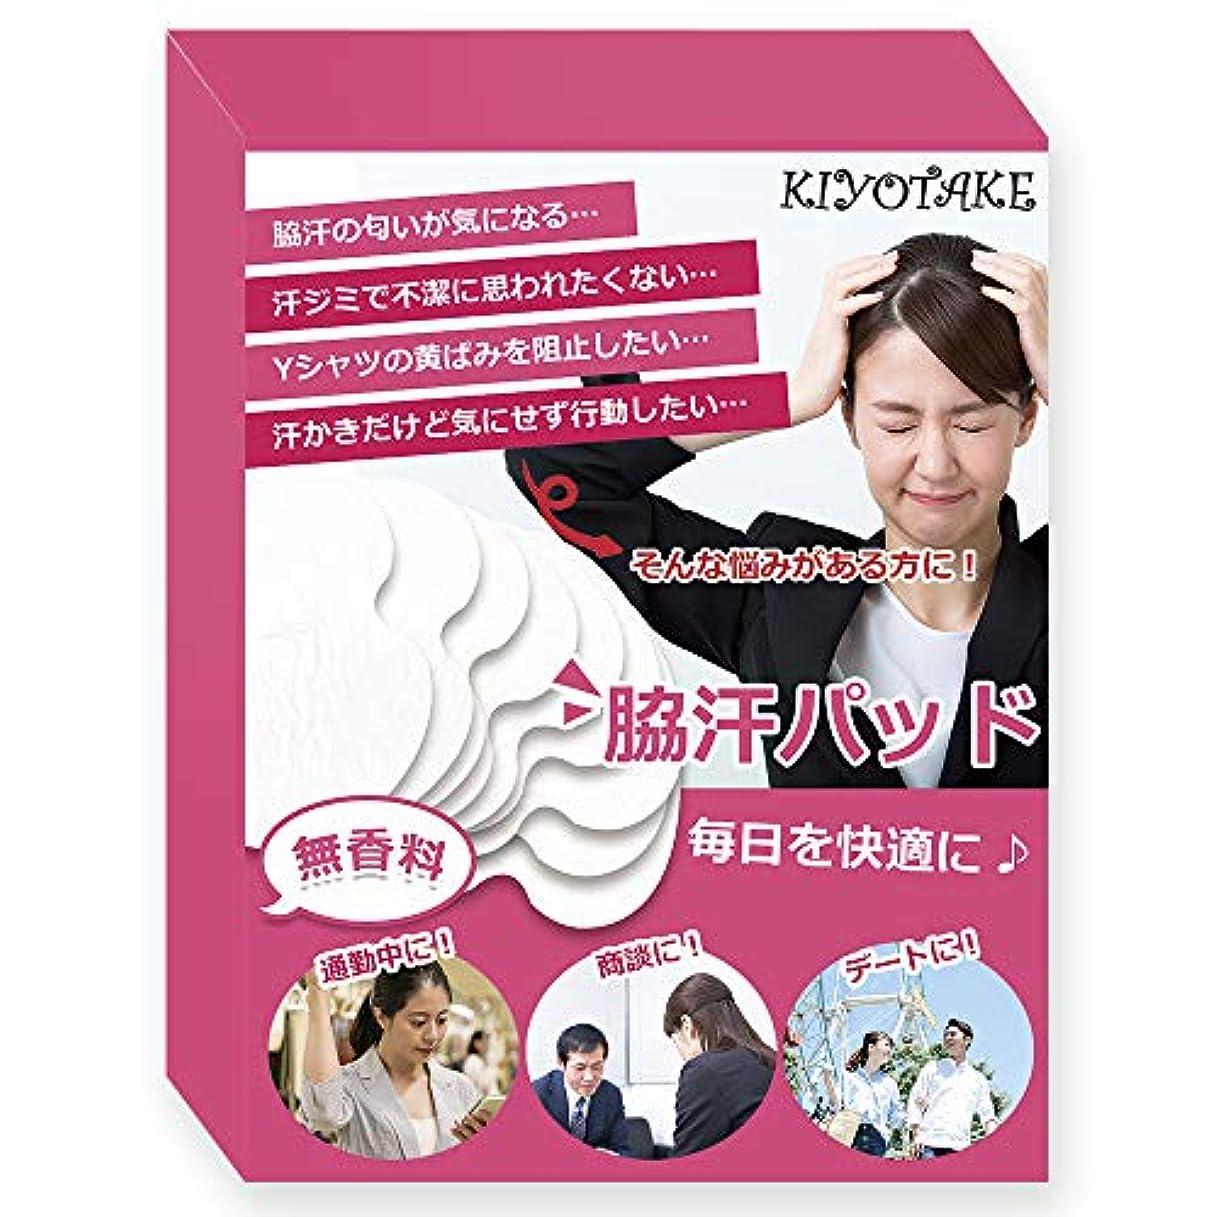 疎外習字銀河【kiyotake】 レディース 脇汗パッド 汗取り 汗じみ 防臭 防止 対策 女性用 40枚入り